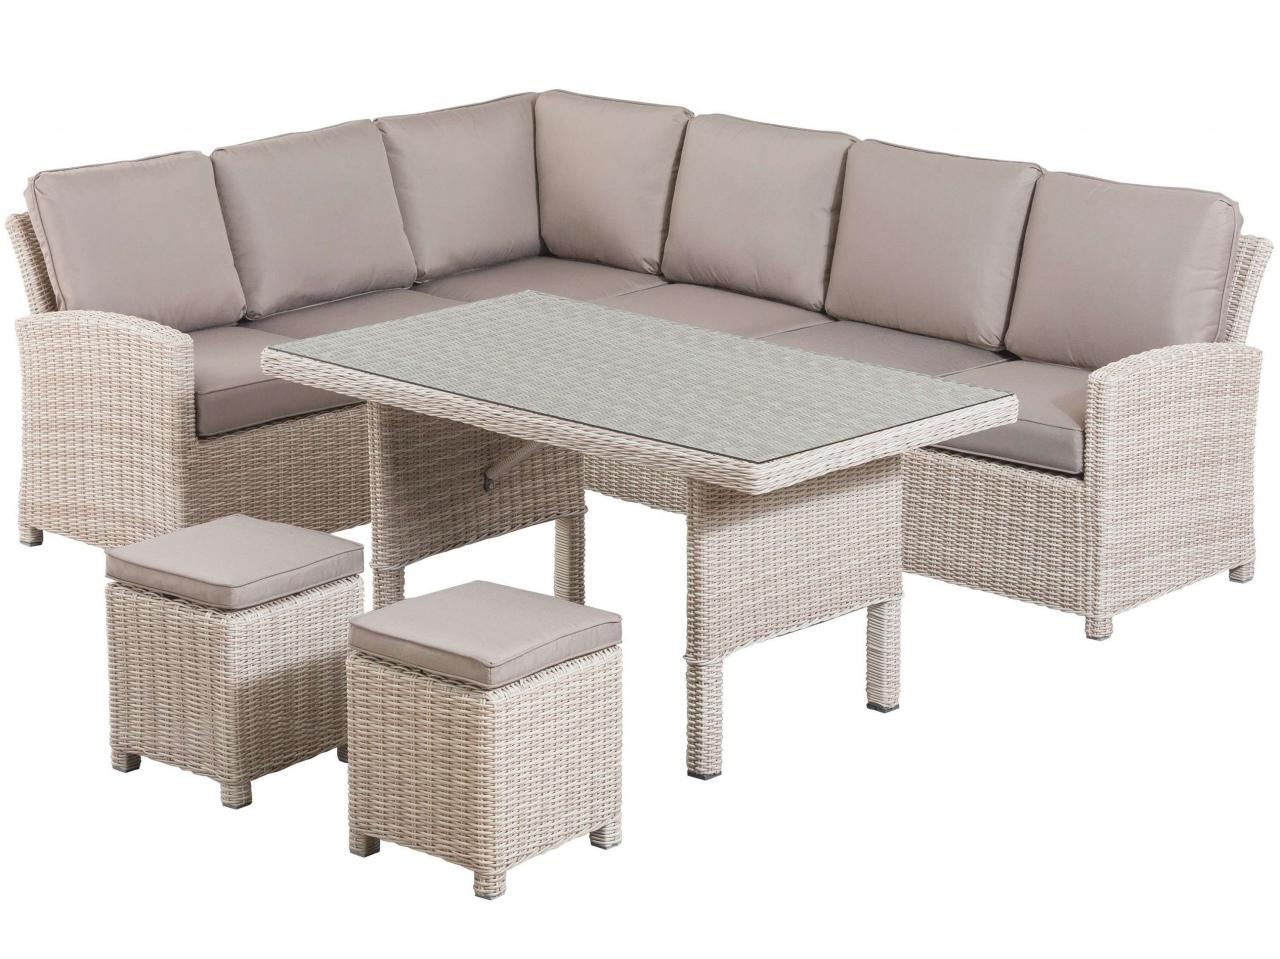 japan sofa bed rattan sofa garten luxus recliner wicker outdoor sofa 0d patio durch japan sofa bed